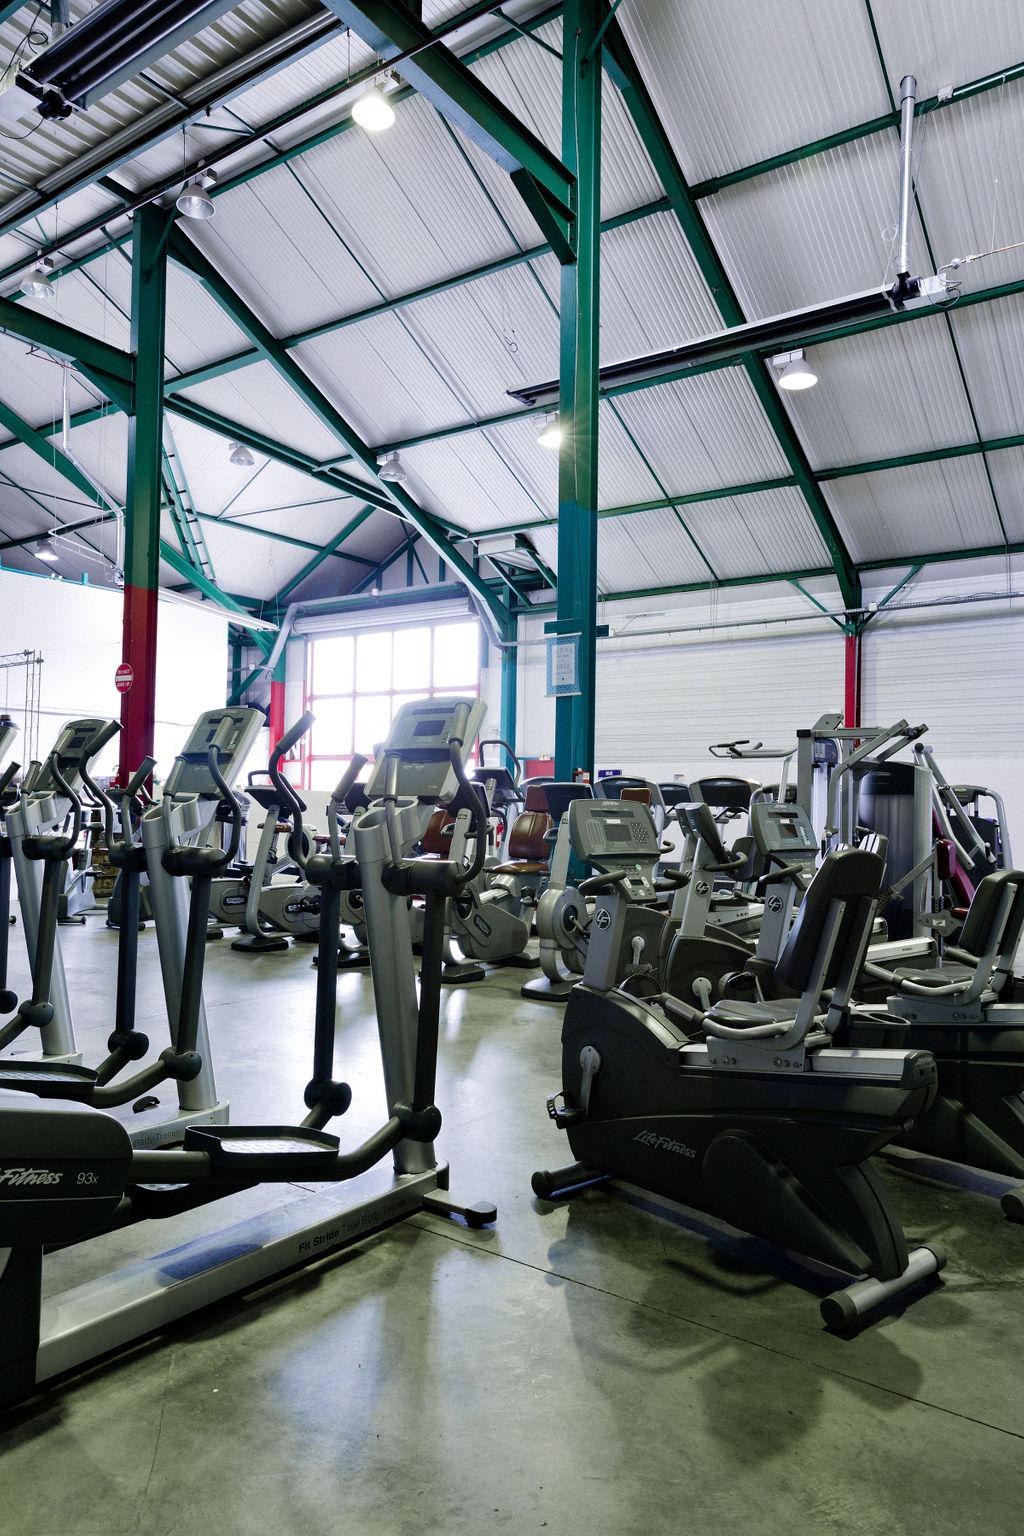 Vue d'ensemble de l'espace cardio-training